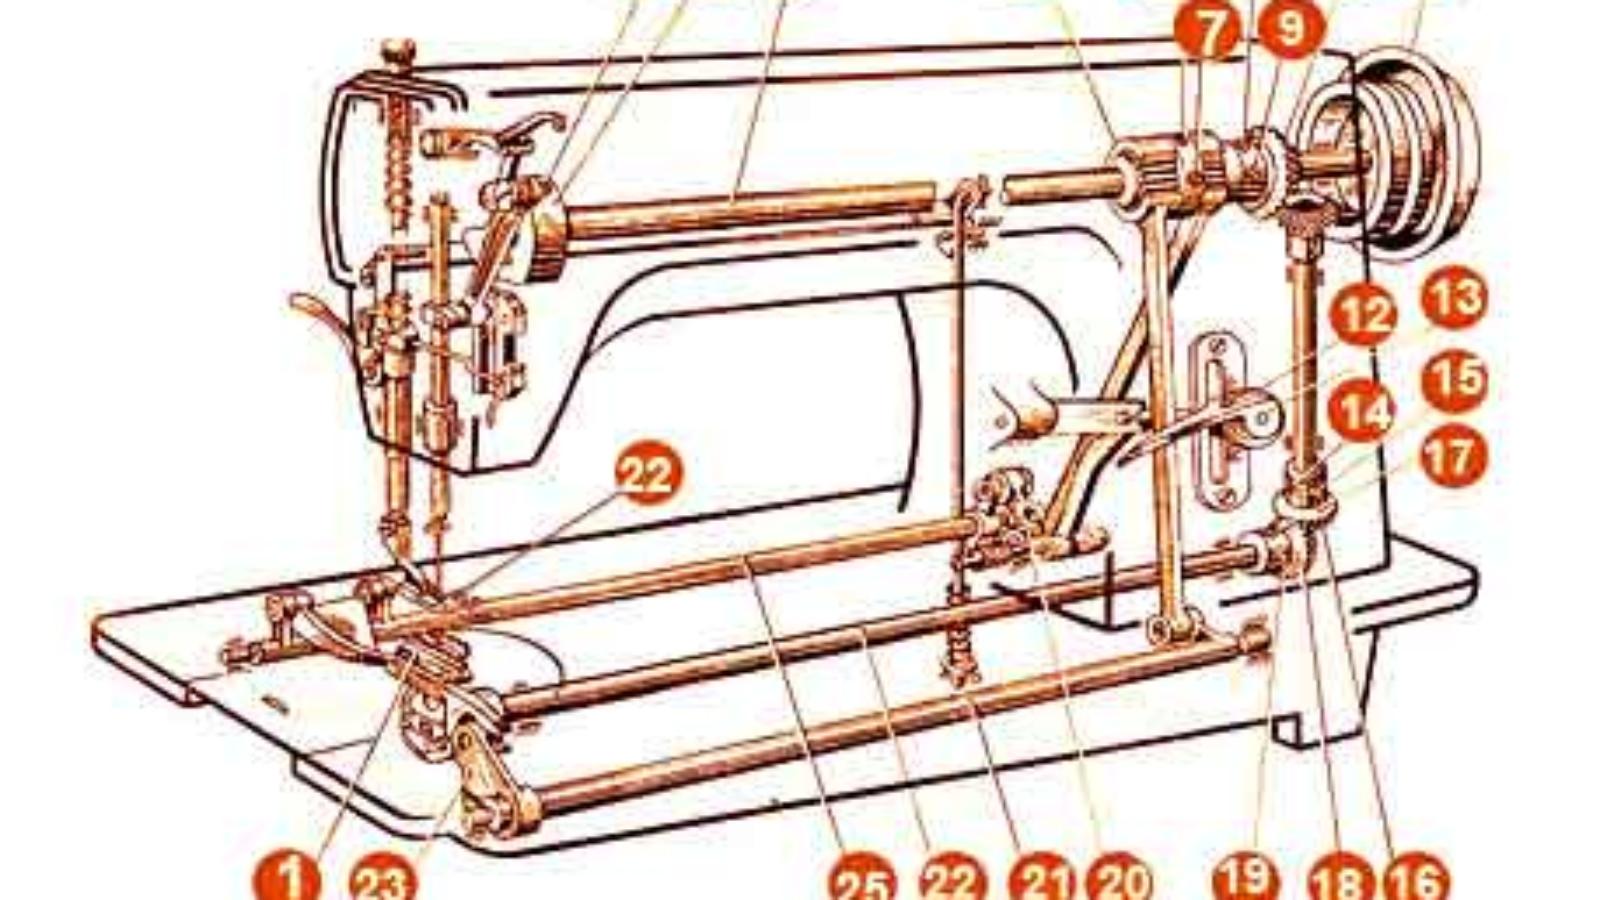 Repair of sewing machines 35